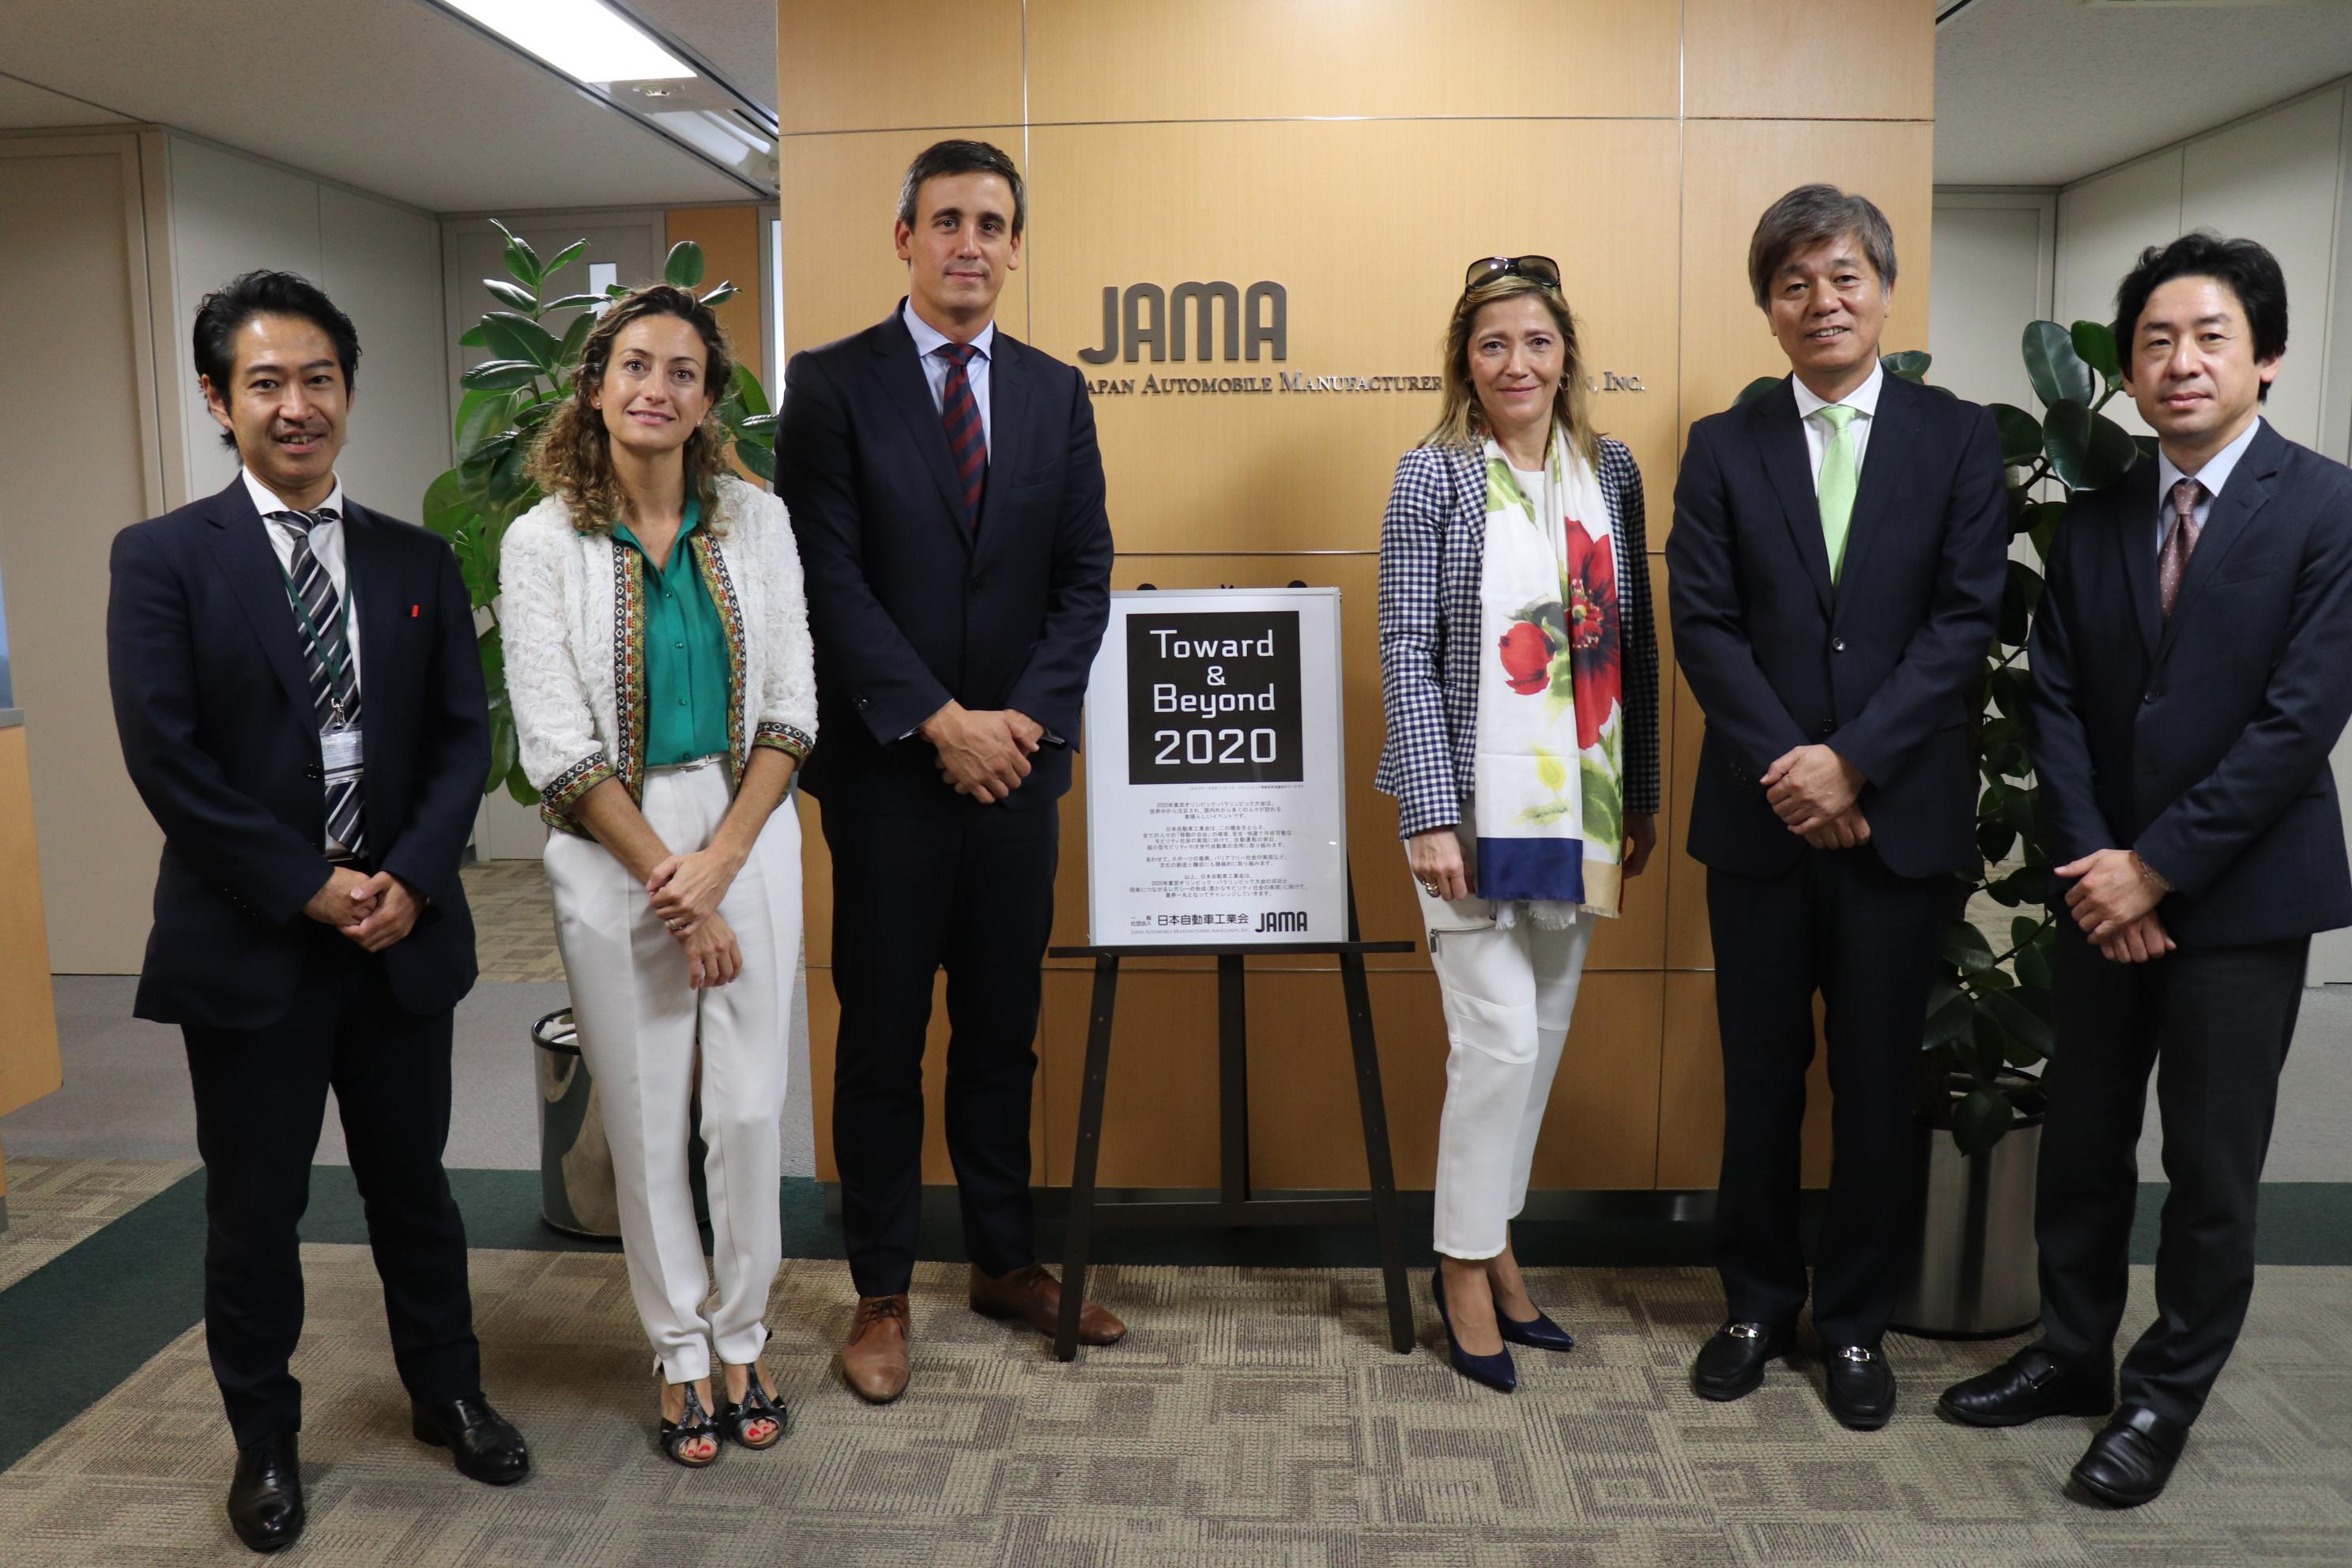 tapia_jama_01.JPG